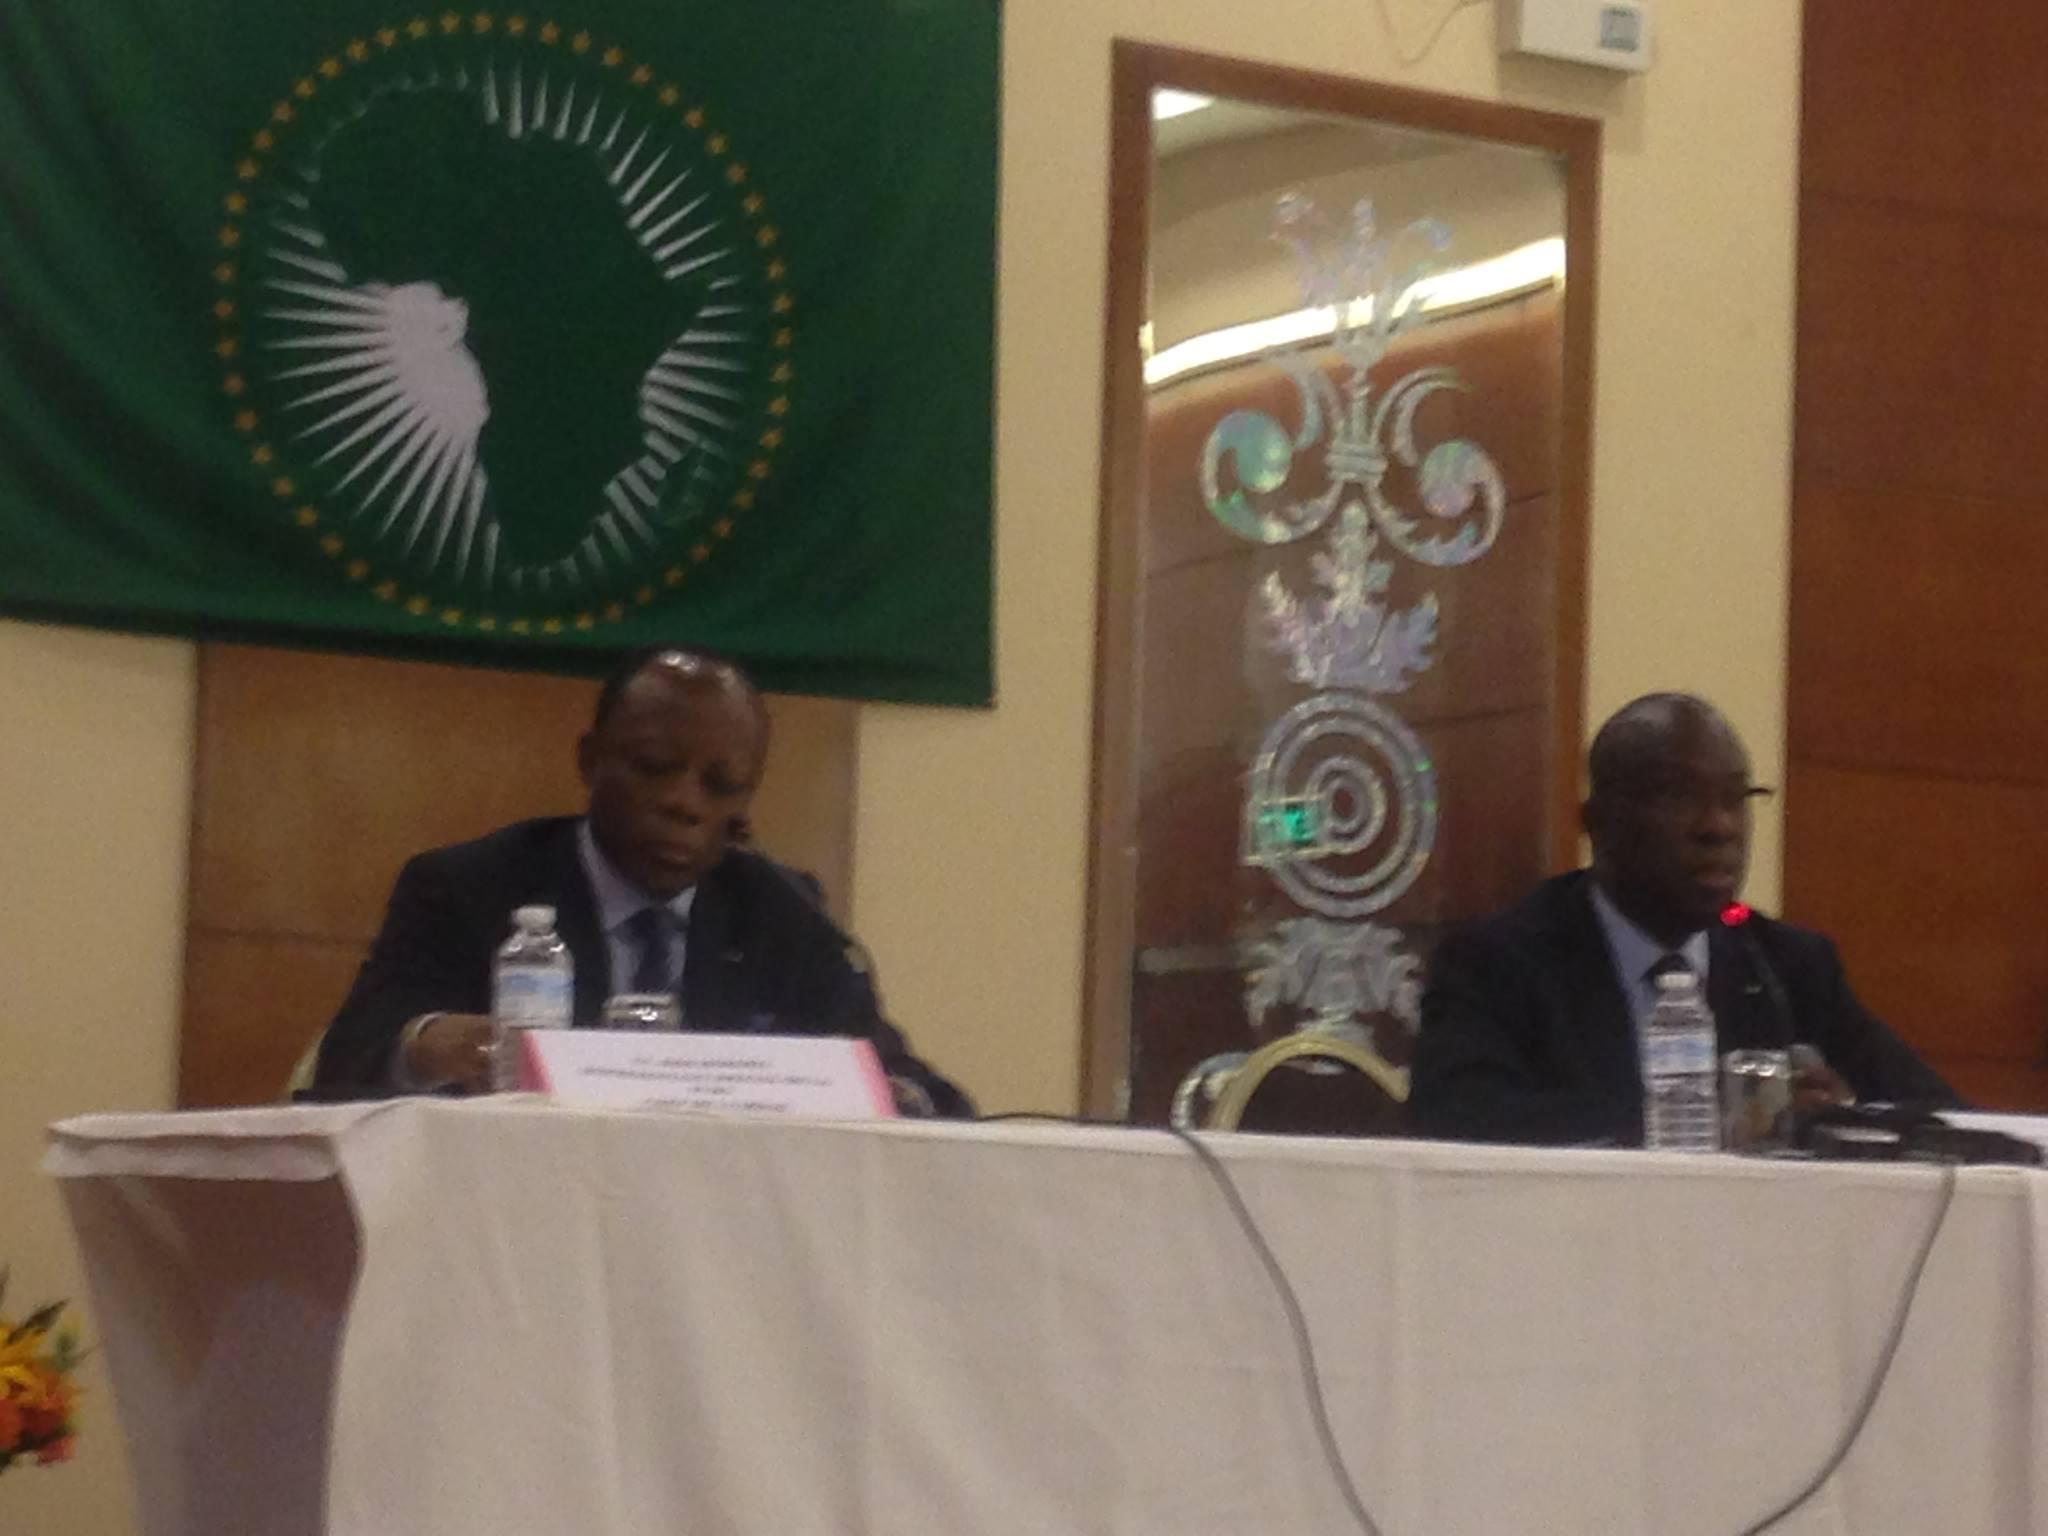 Des nouvelles de l'ancien Pm du Sénégal, désigné chef de la mission d'observation des élections en République Centrafricaine